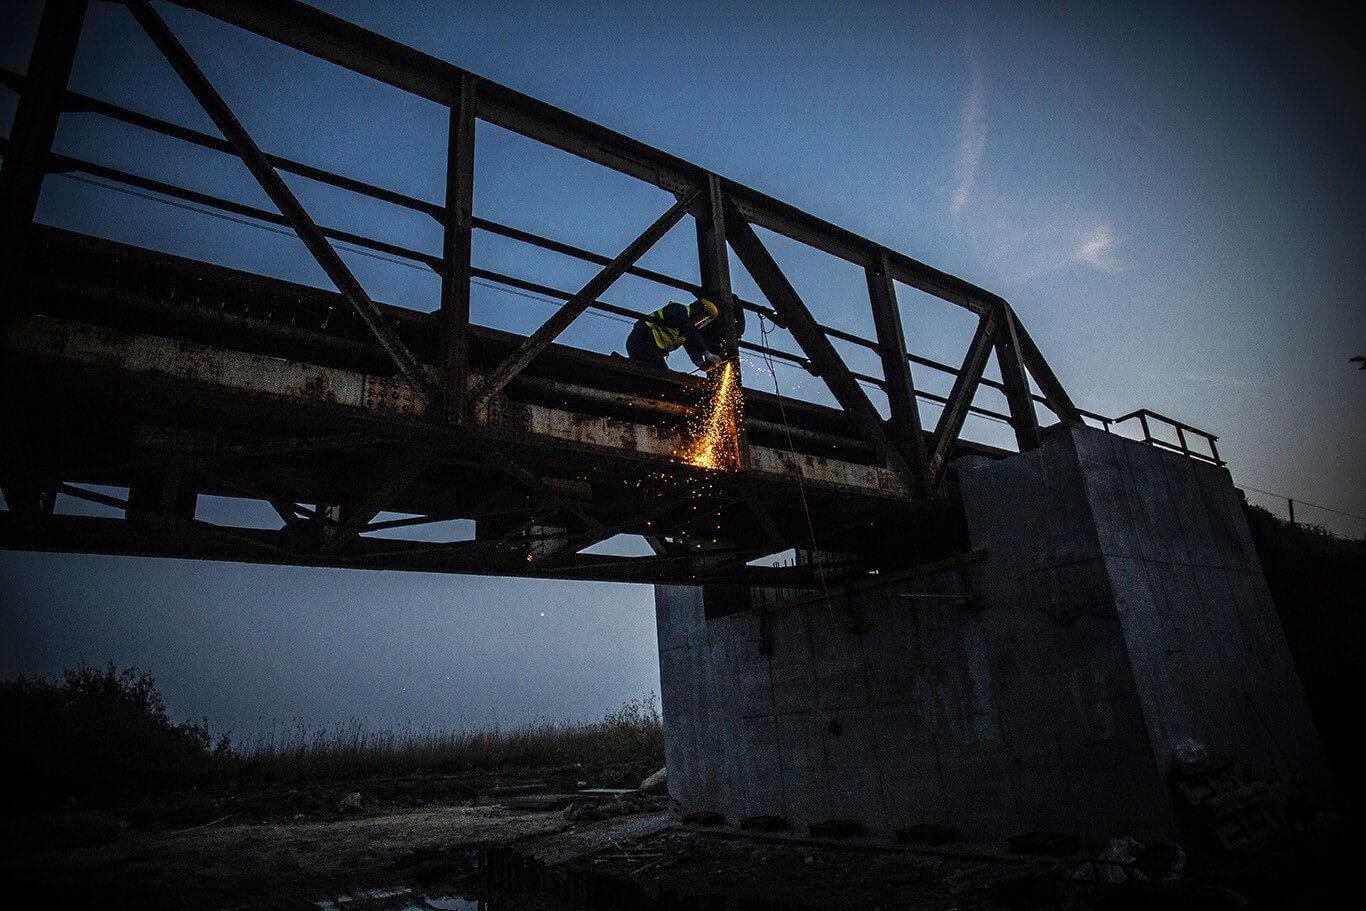 Már az új hídszerkezet készül az A-Híd Veszprém megyei közlekedésfejlesztésében